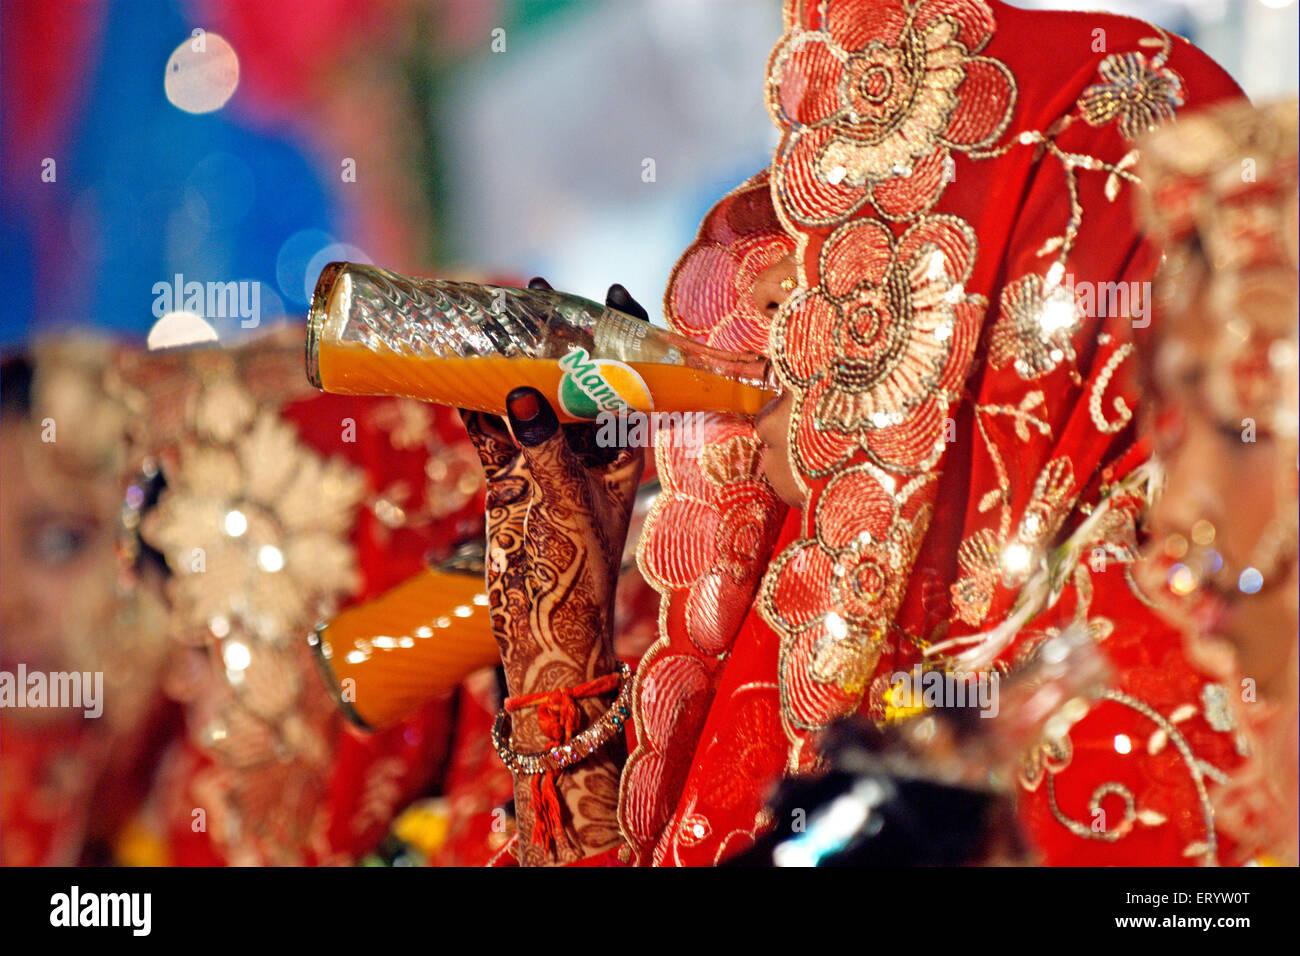 Muslim bride mass marriage  ; Bombay ; Mumbai  ; Maharashtra  ; India NOMR - Stock Image